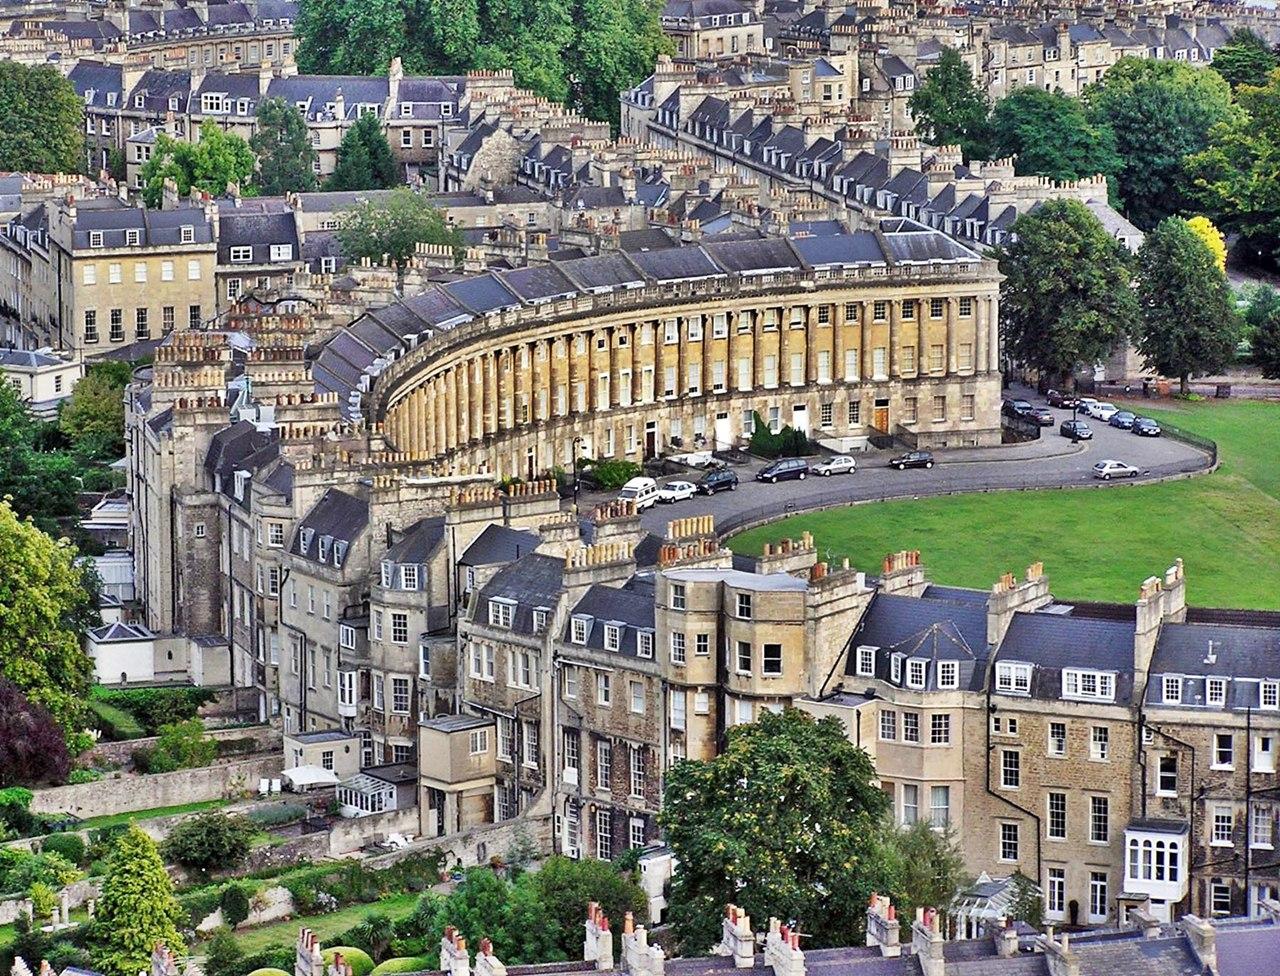 Cidade de Bath, famosa por suas águas termais.